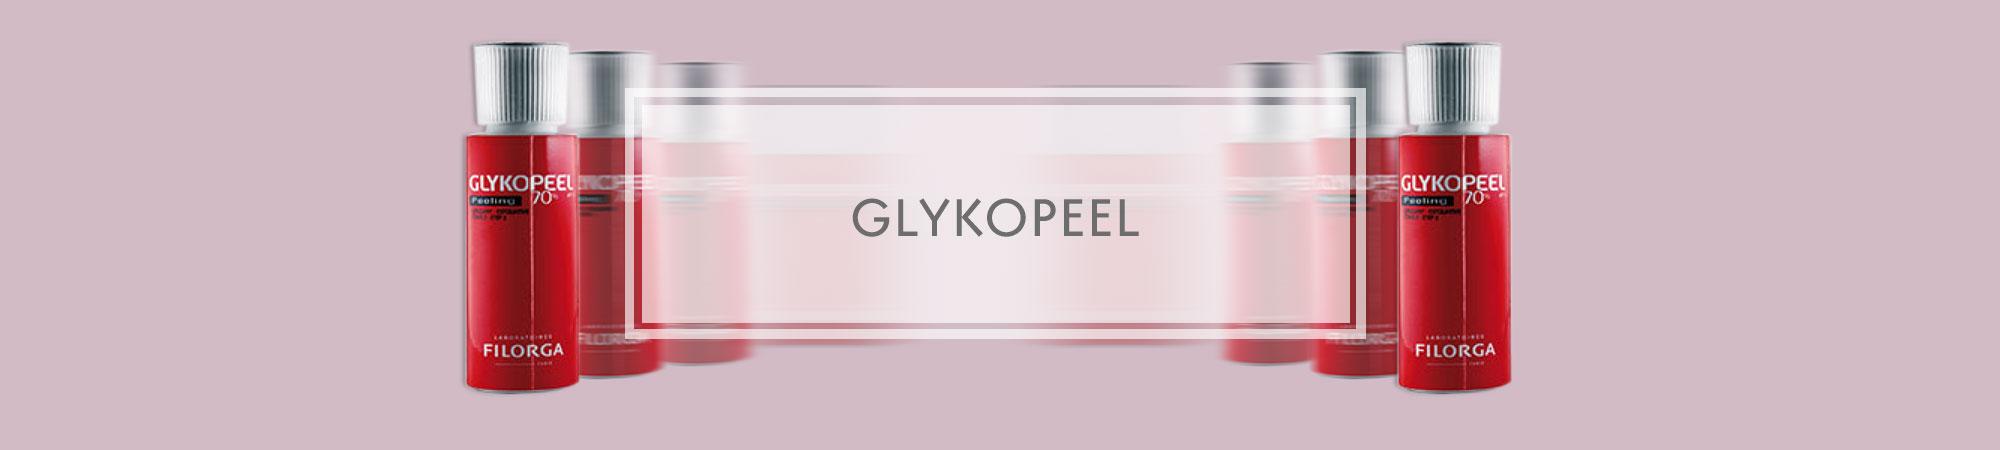 leczenie przebarwień glykopeel